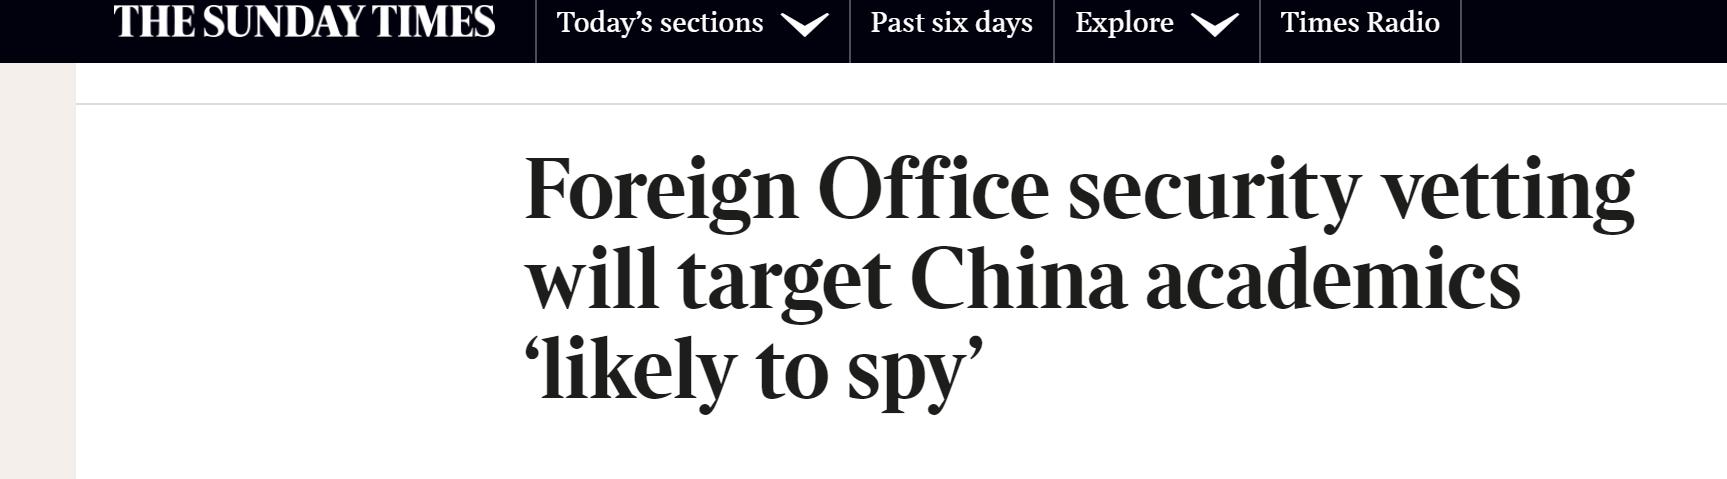 """《星期日泰晤士报》:英国外交、联邦和发展办公室将对""""可能当间谍""""的中国学者进行安全审查"""